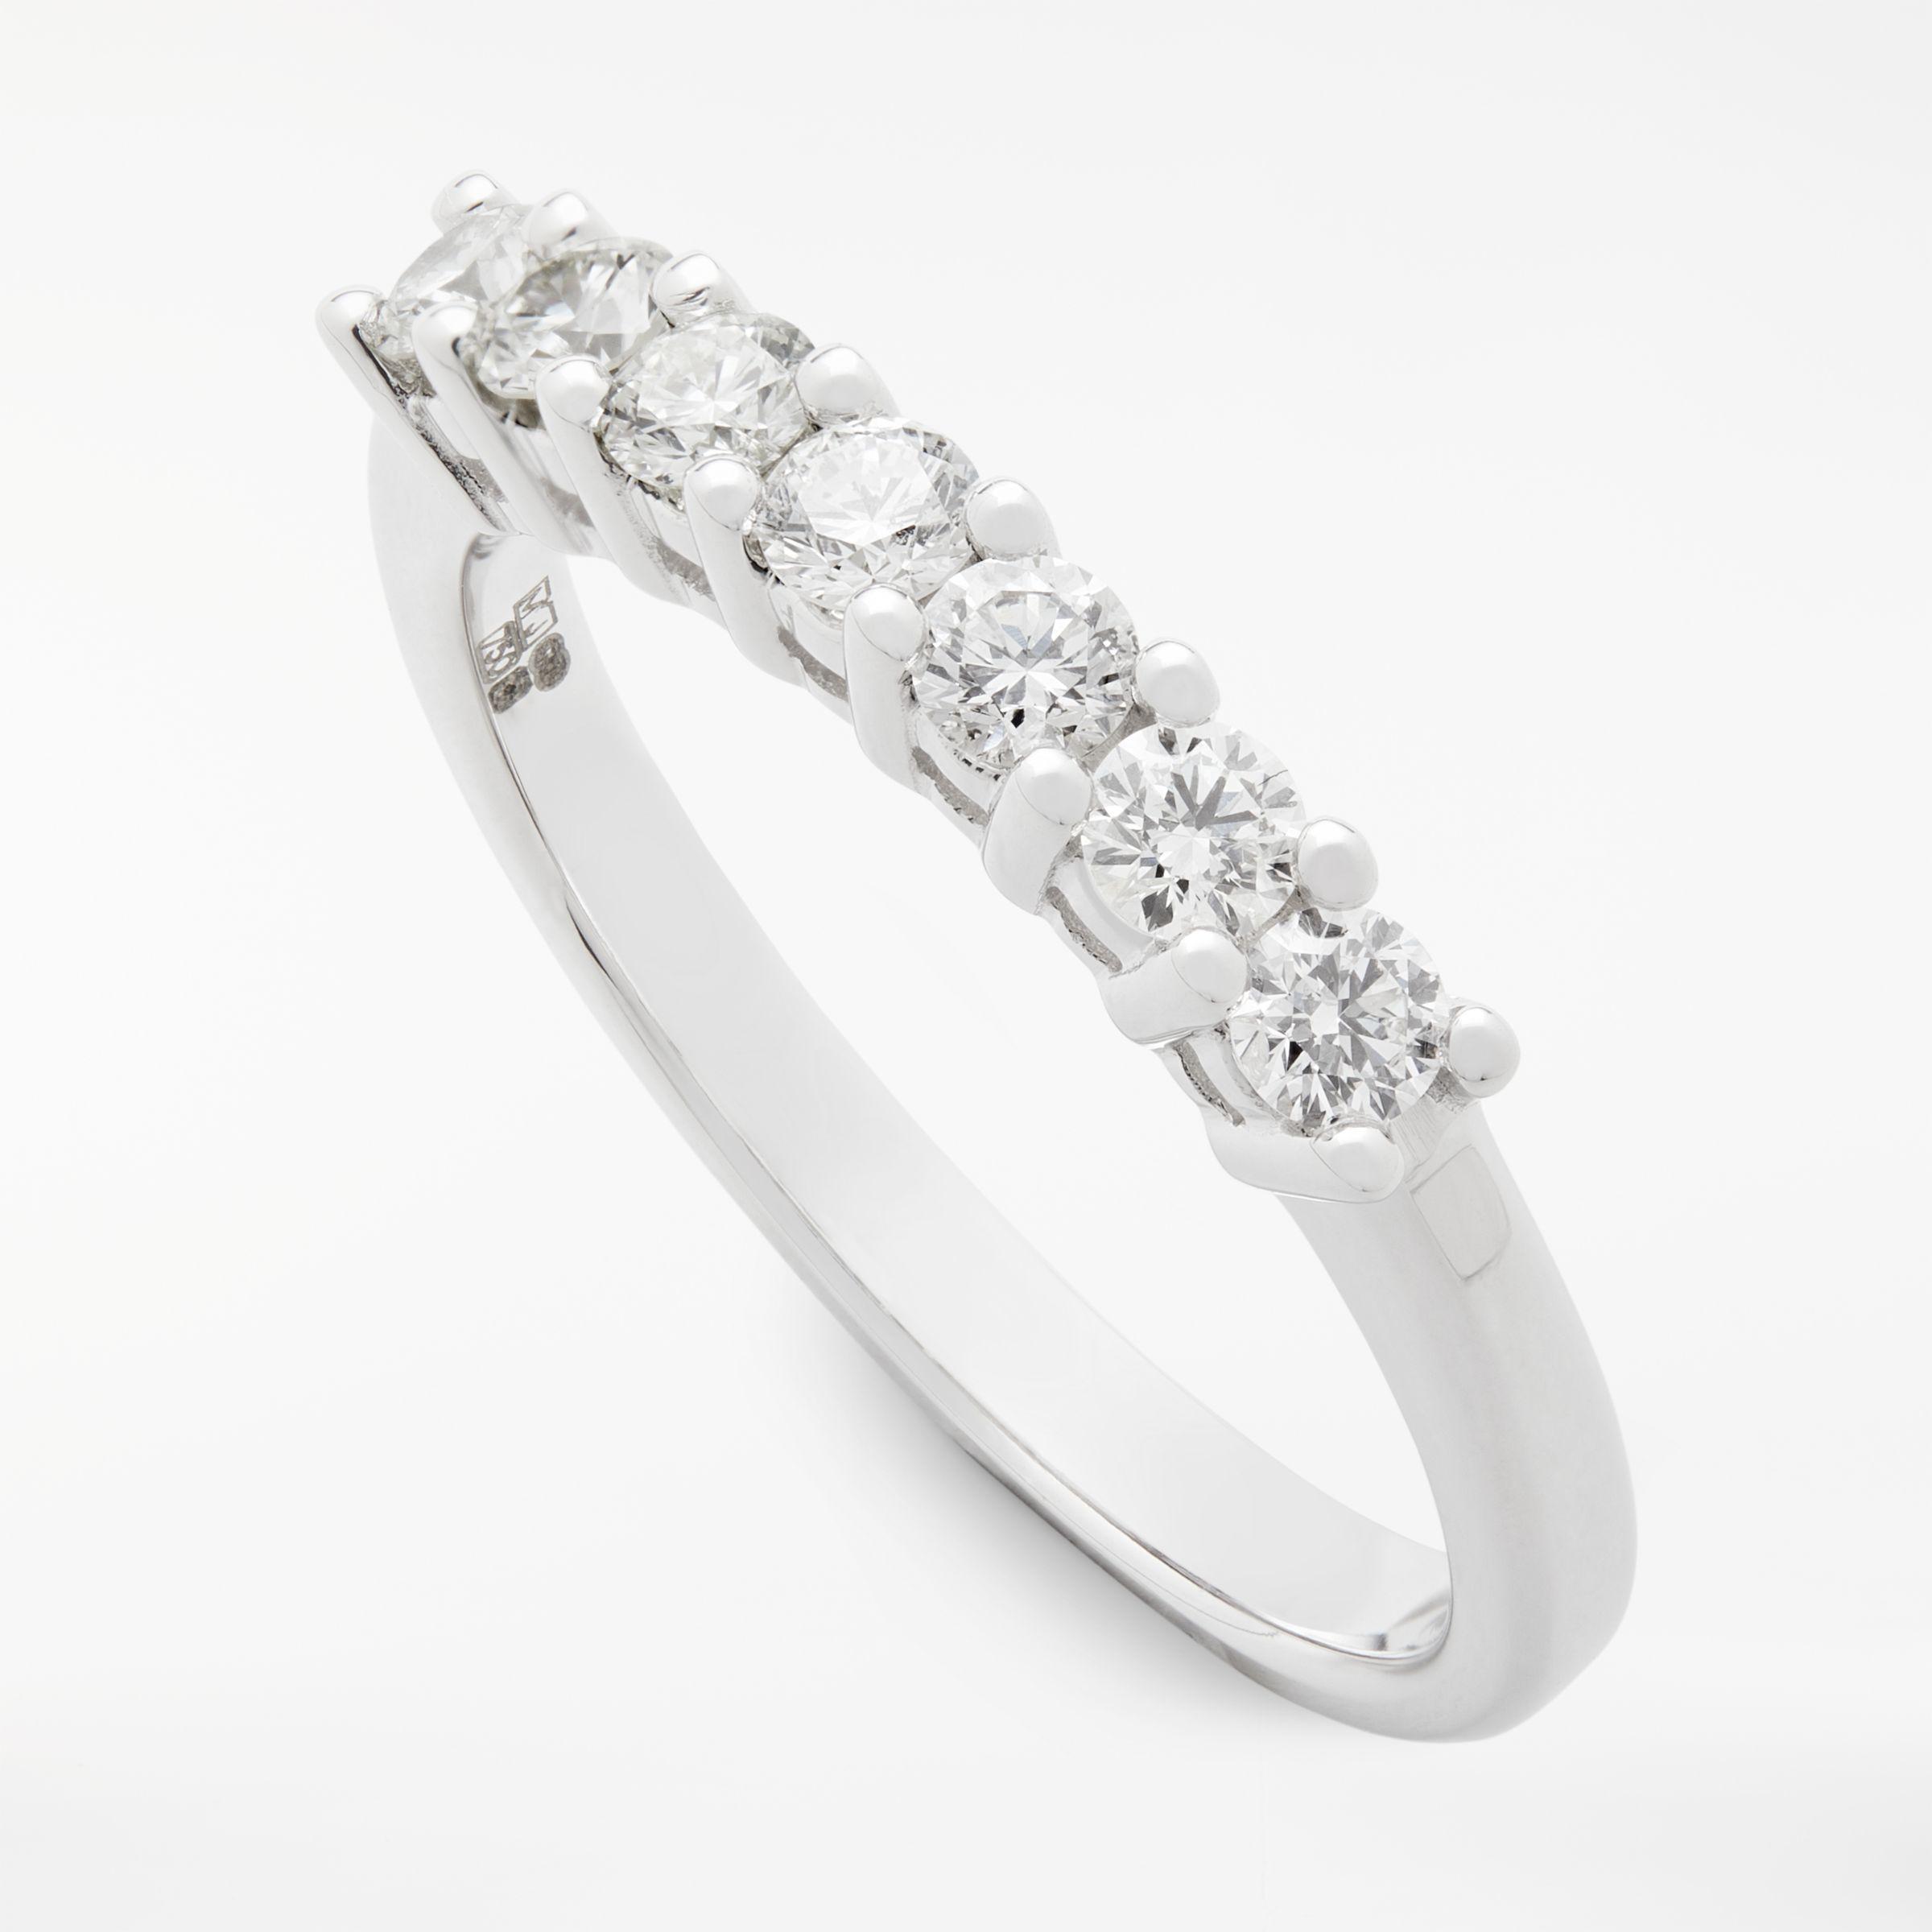 Mogul 18ct White Gold Round Brilliant Diamond Eternity Ring 0 5ct In 2020 Eternity Ring Diamond Brilliant Diamond Eternity Ring